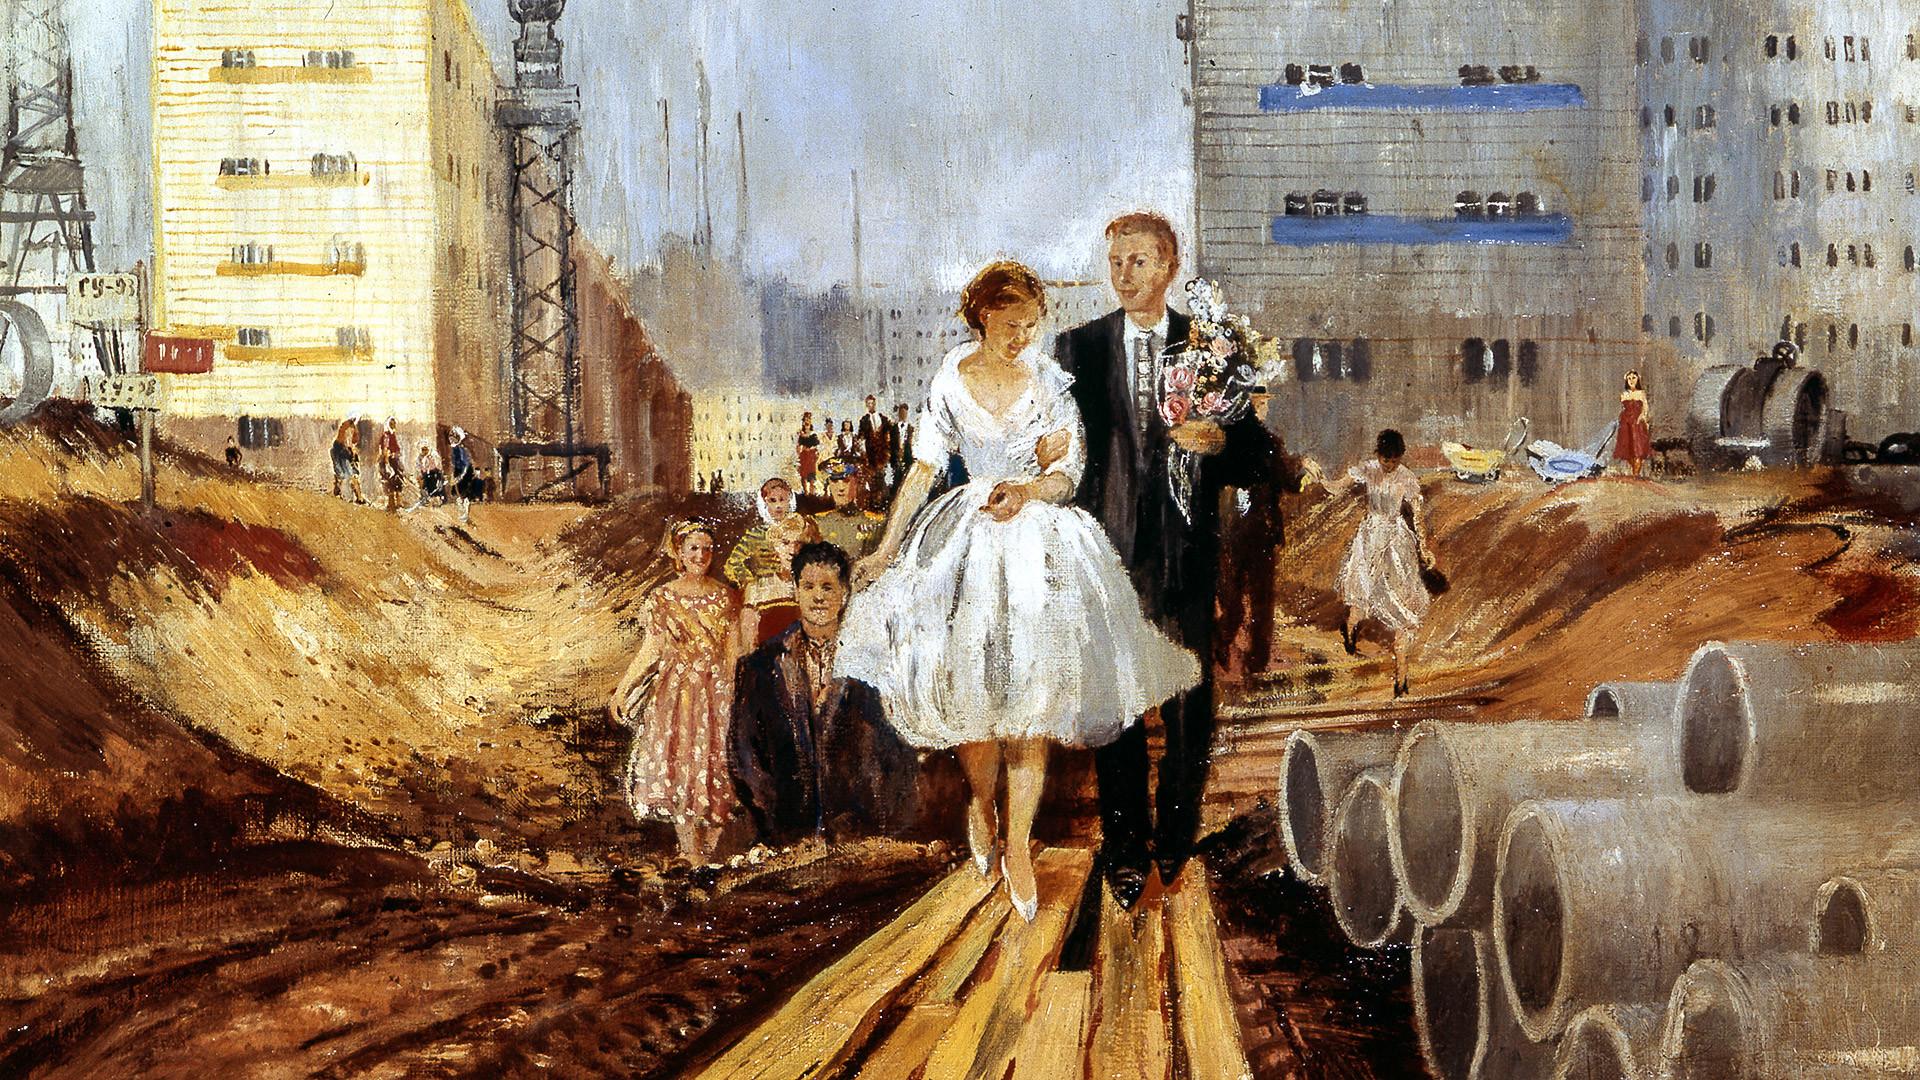 """Репродукција уметничке слике """"Свадба у сутрашњој улици"""" уметника Јурија Ивановича Пименова, уље на платну, 1962."""